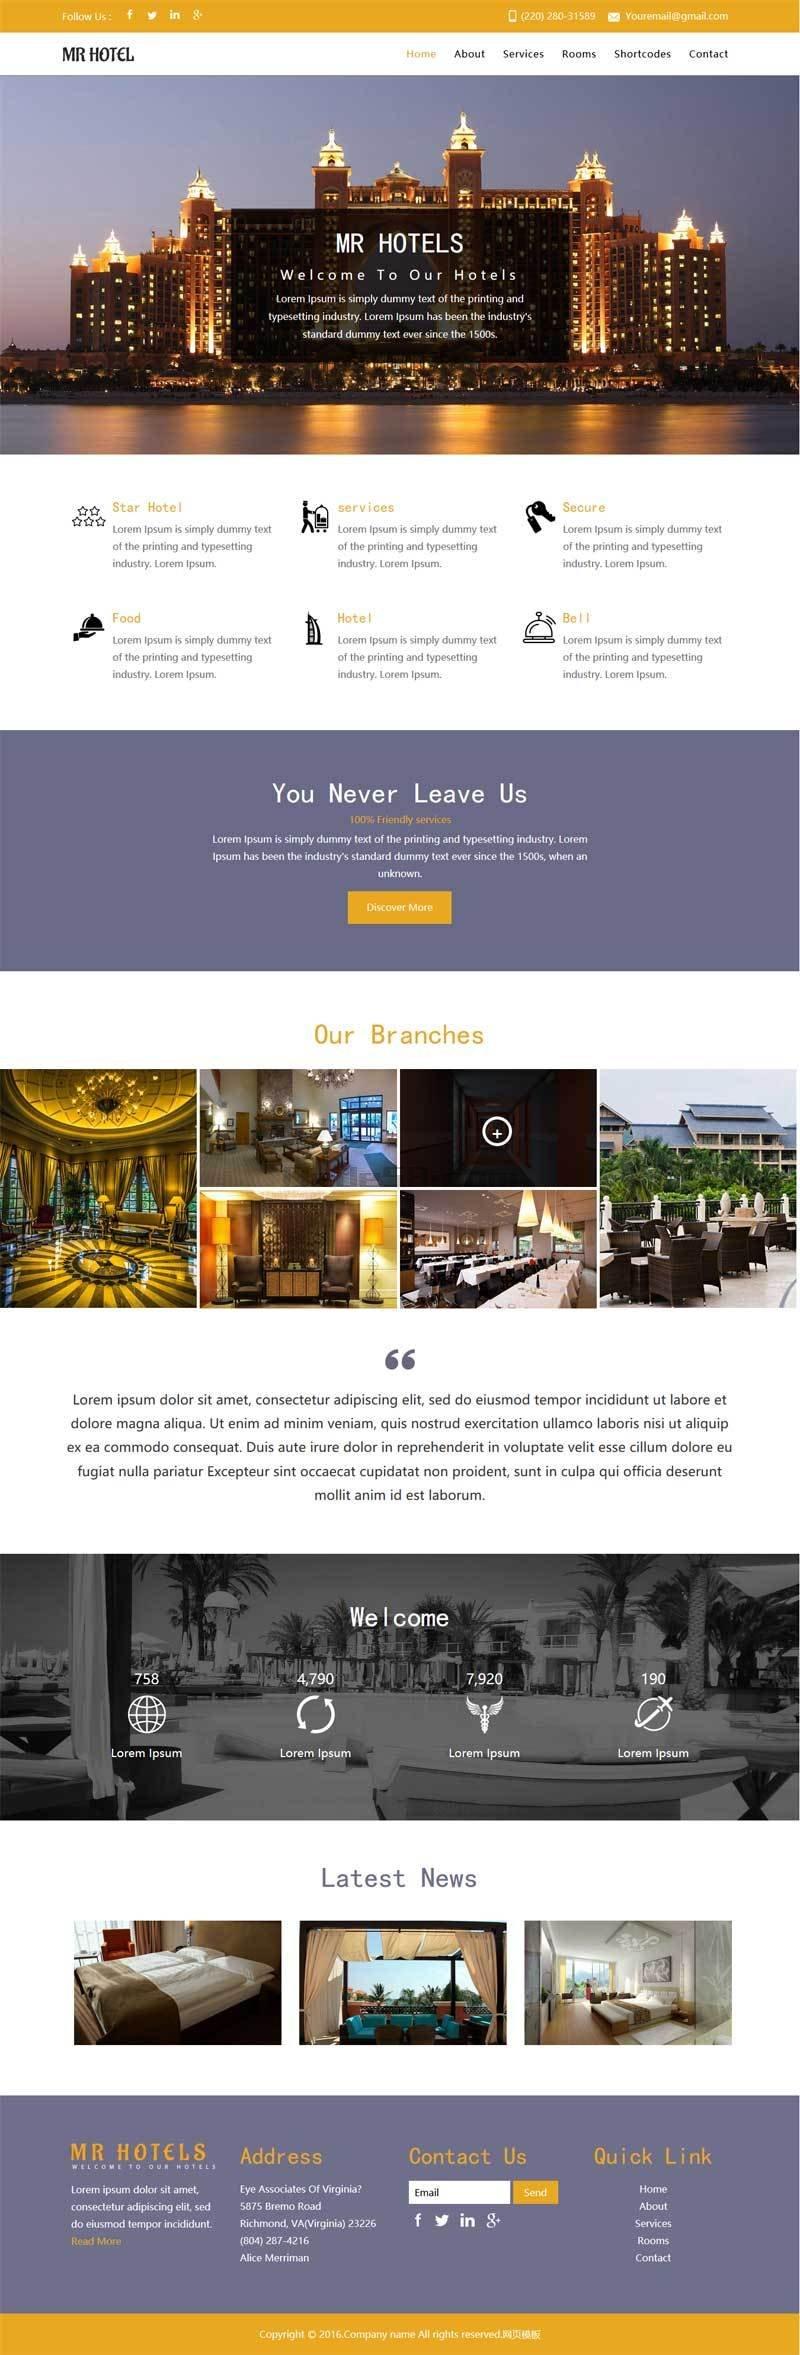 金黄色的国外酒店信息展示网站模板html整站